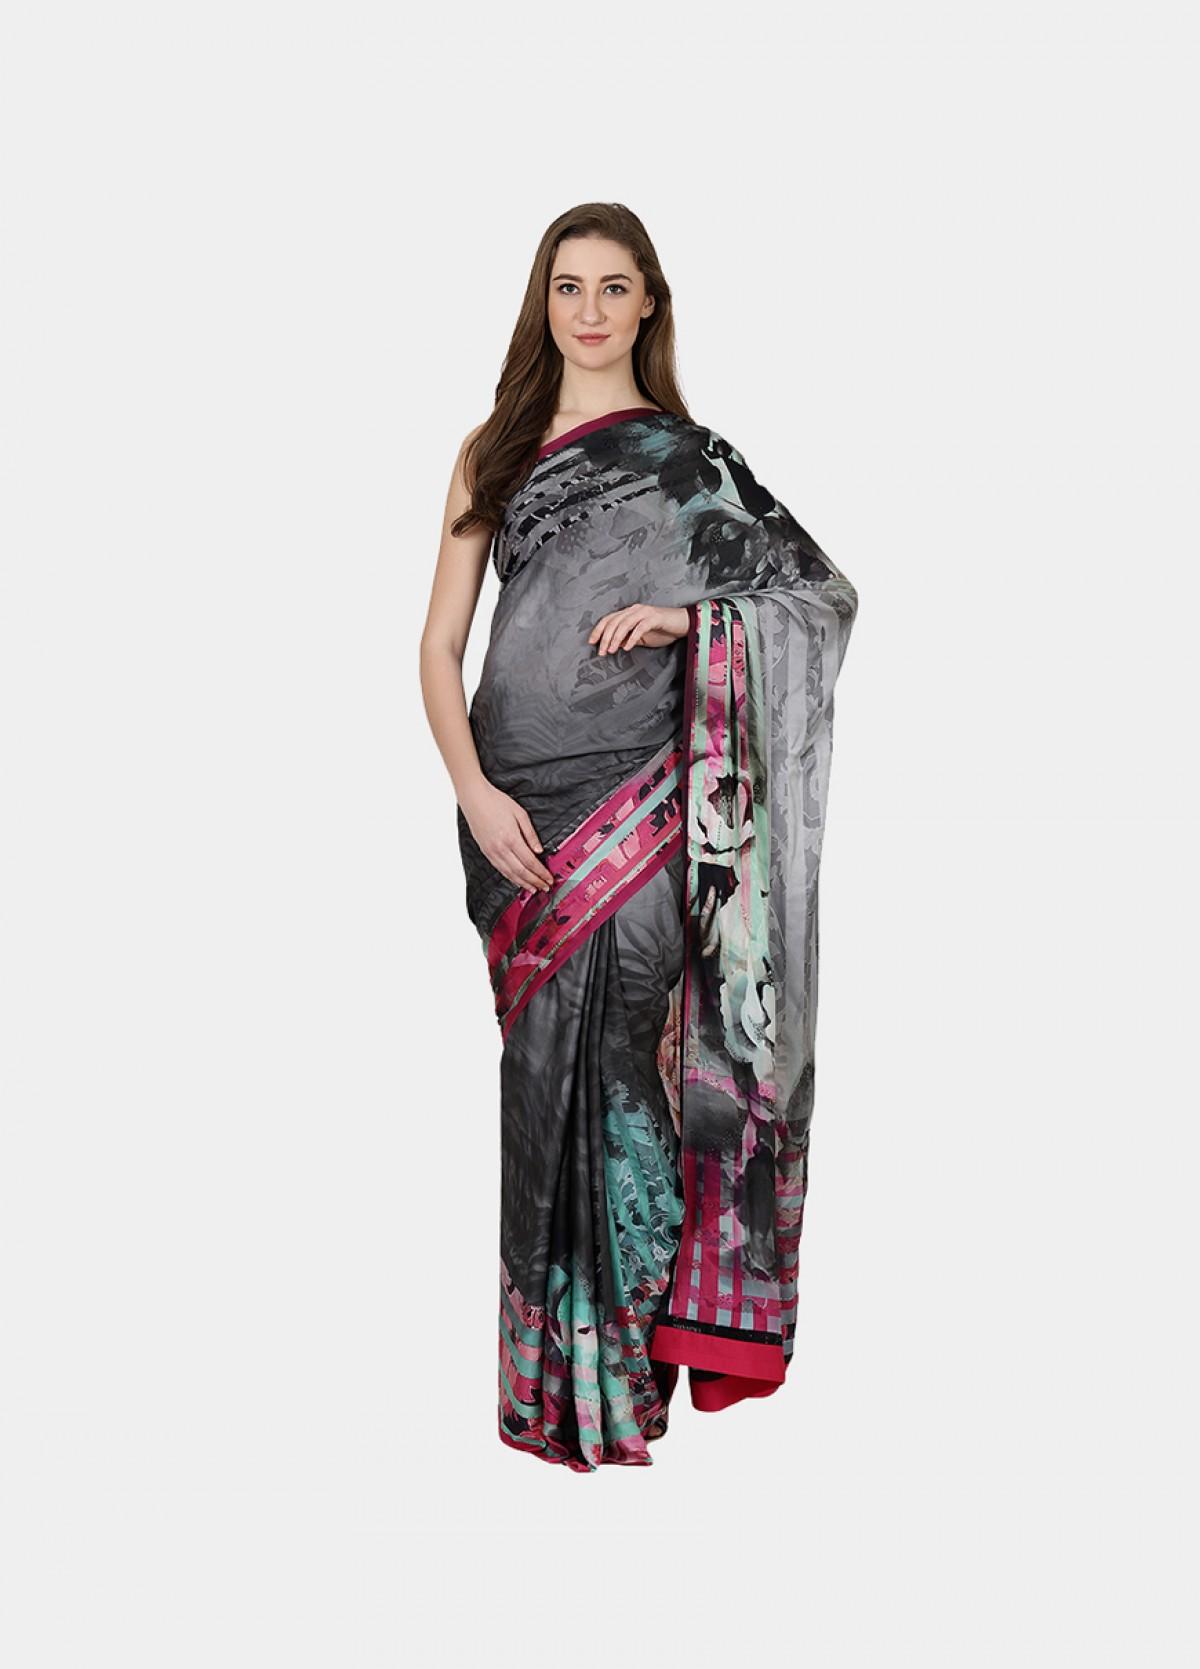 The Indian Rose Sari